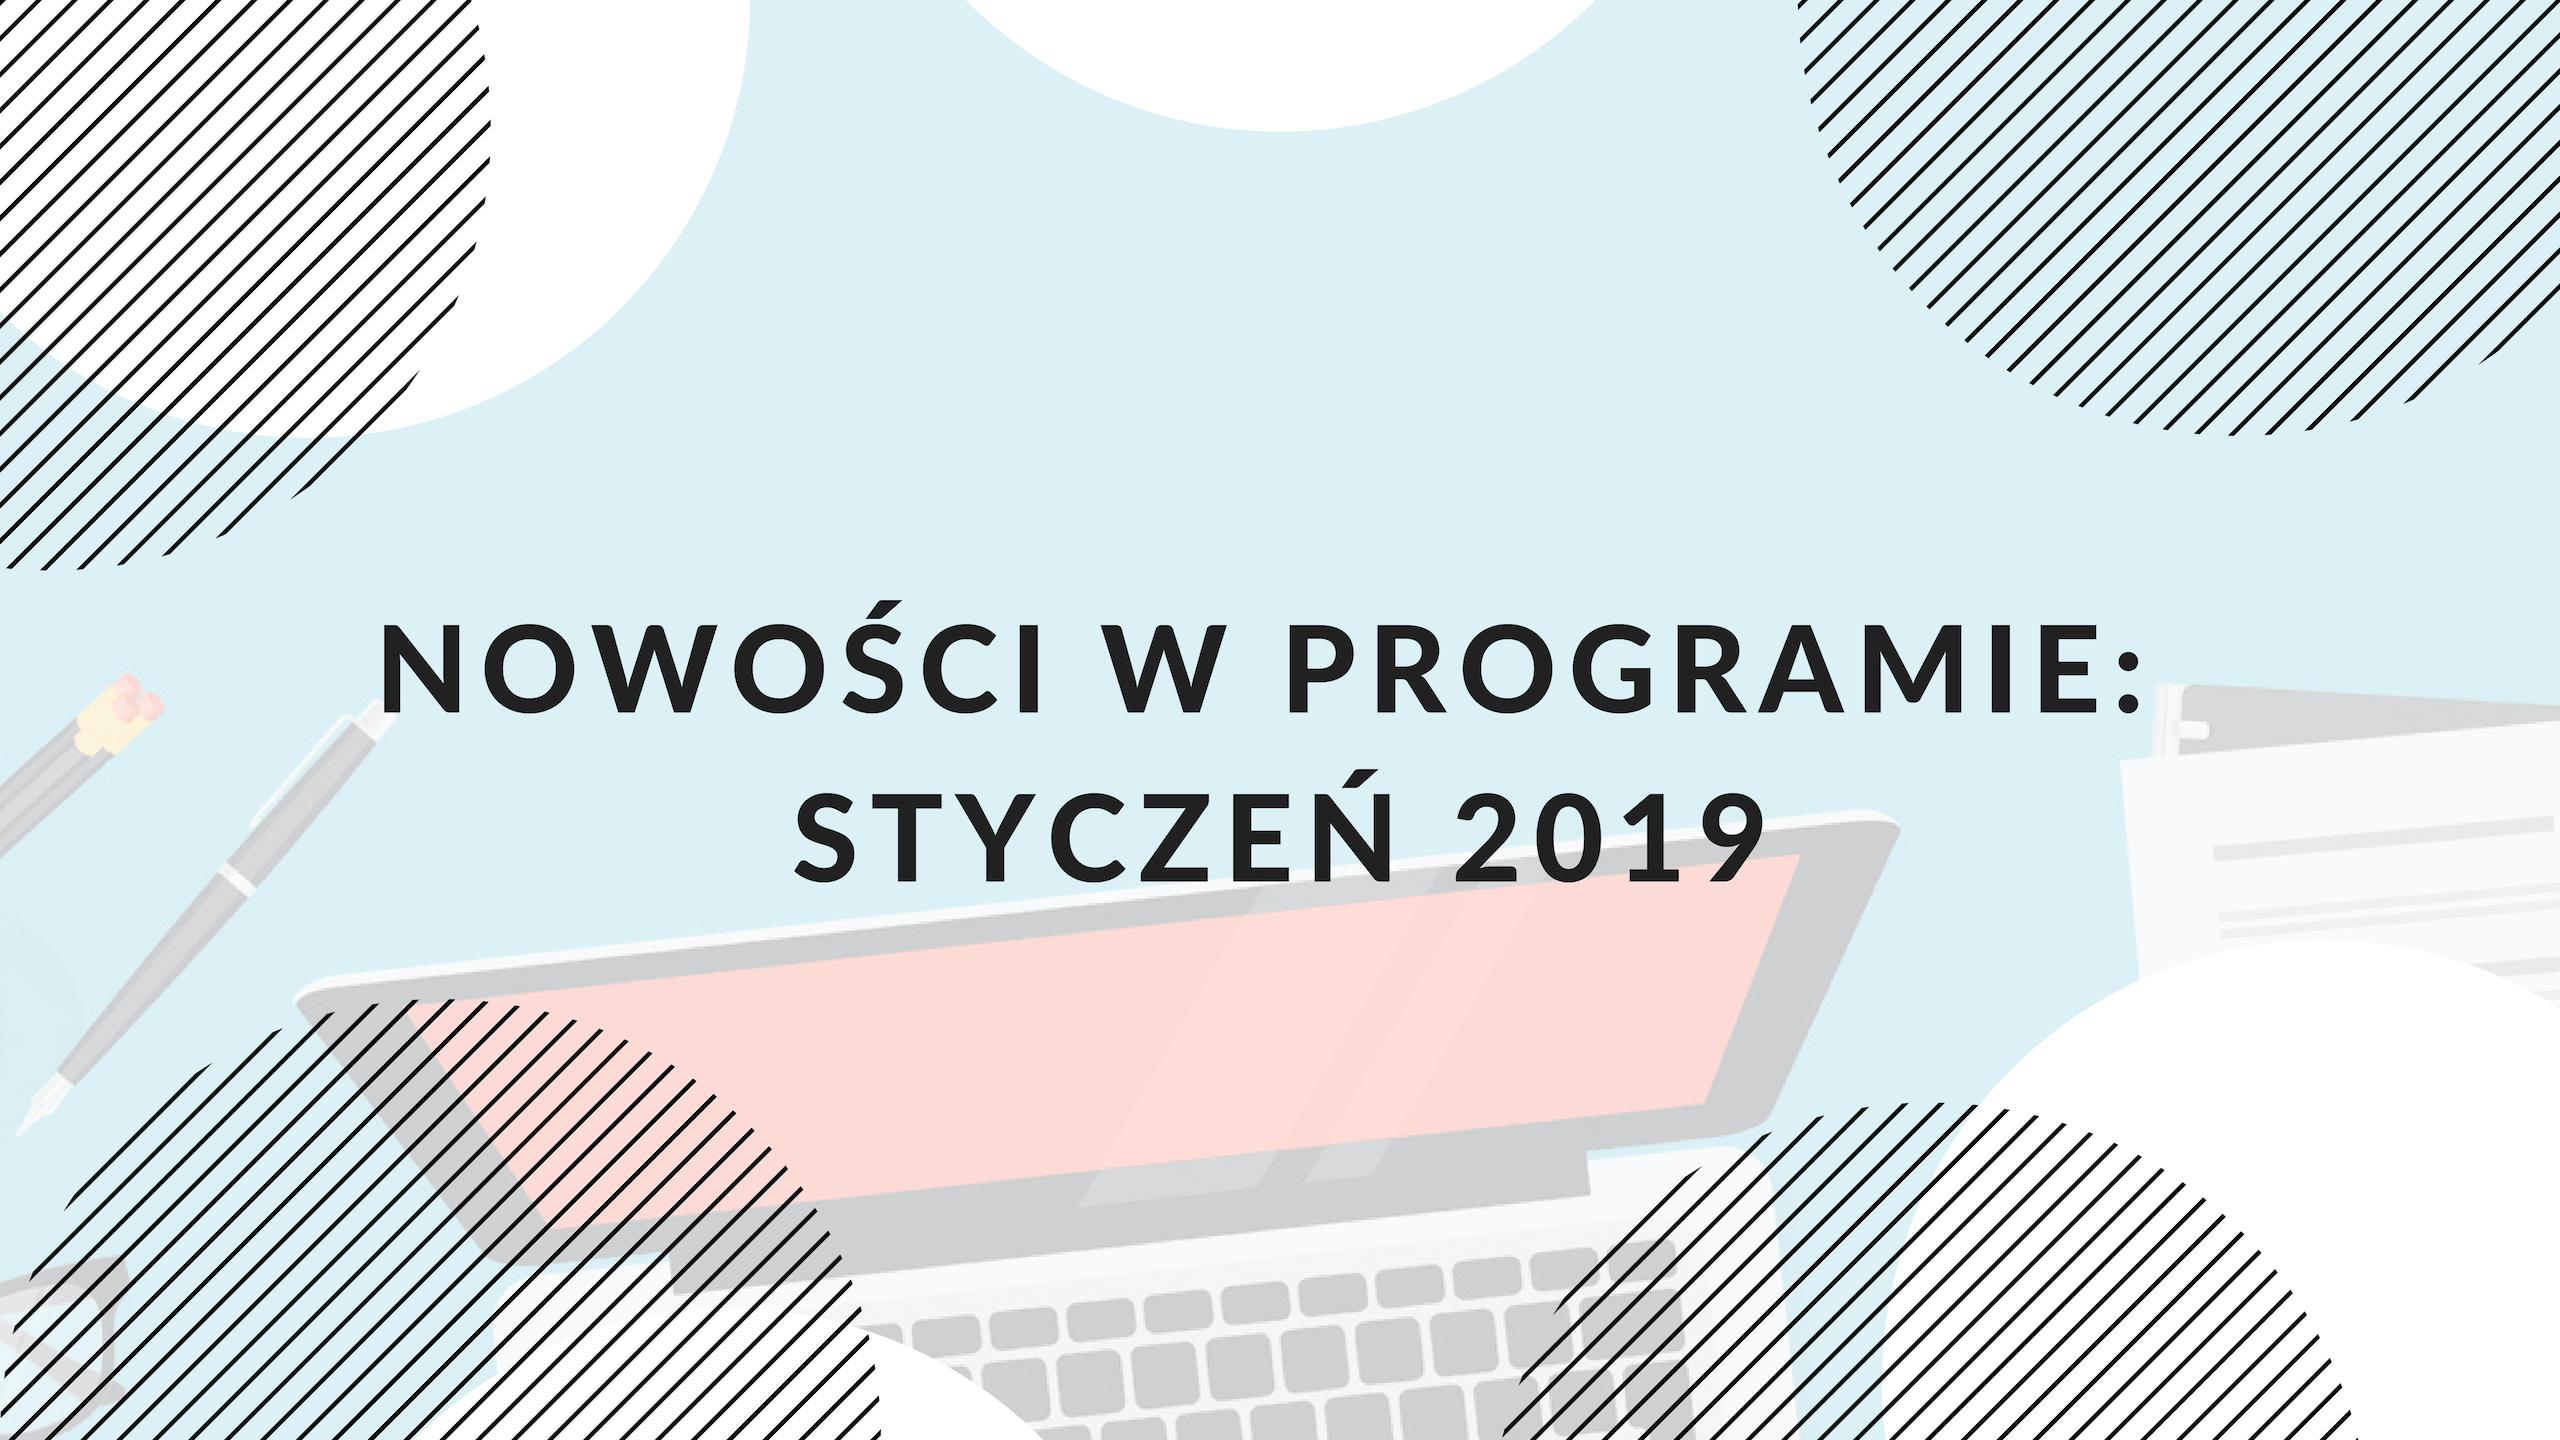 Nowe funkcjonalności w programie: styczeń 2019